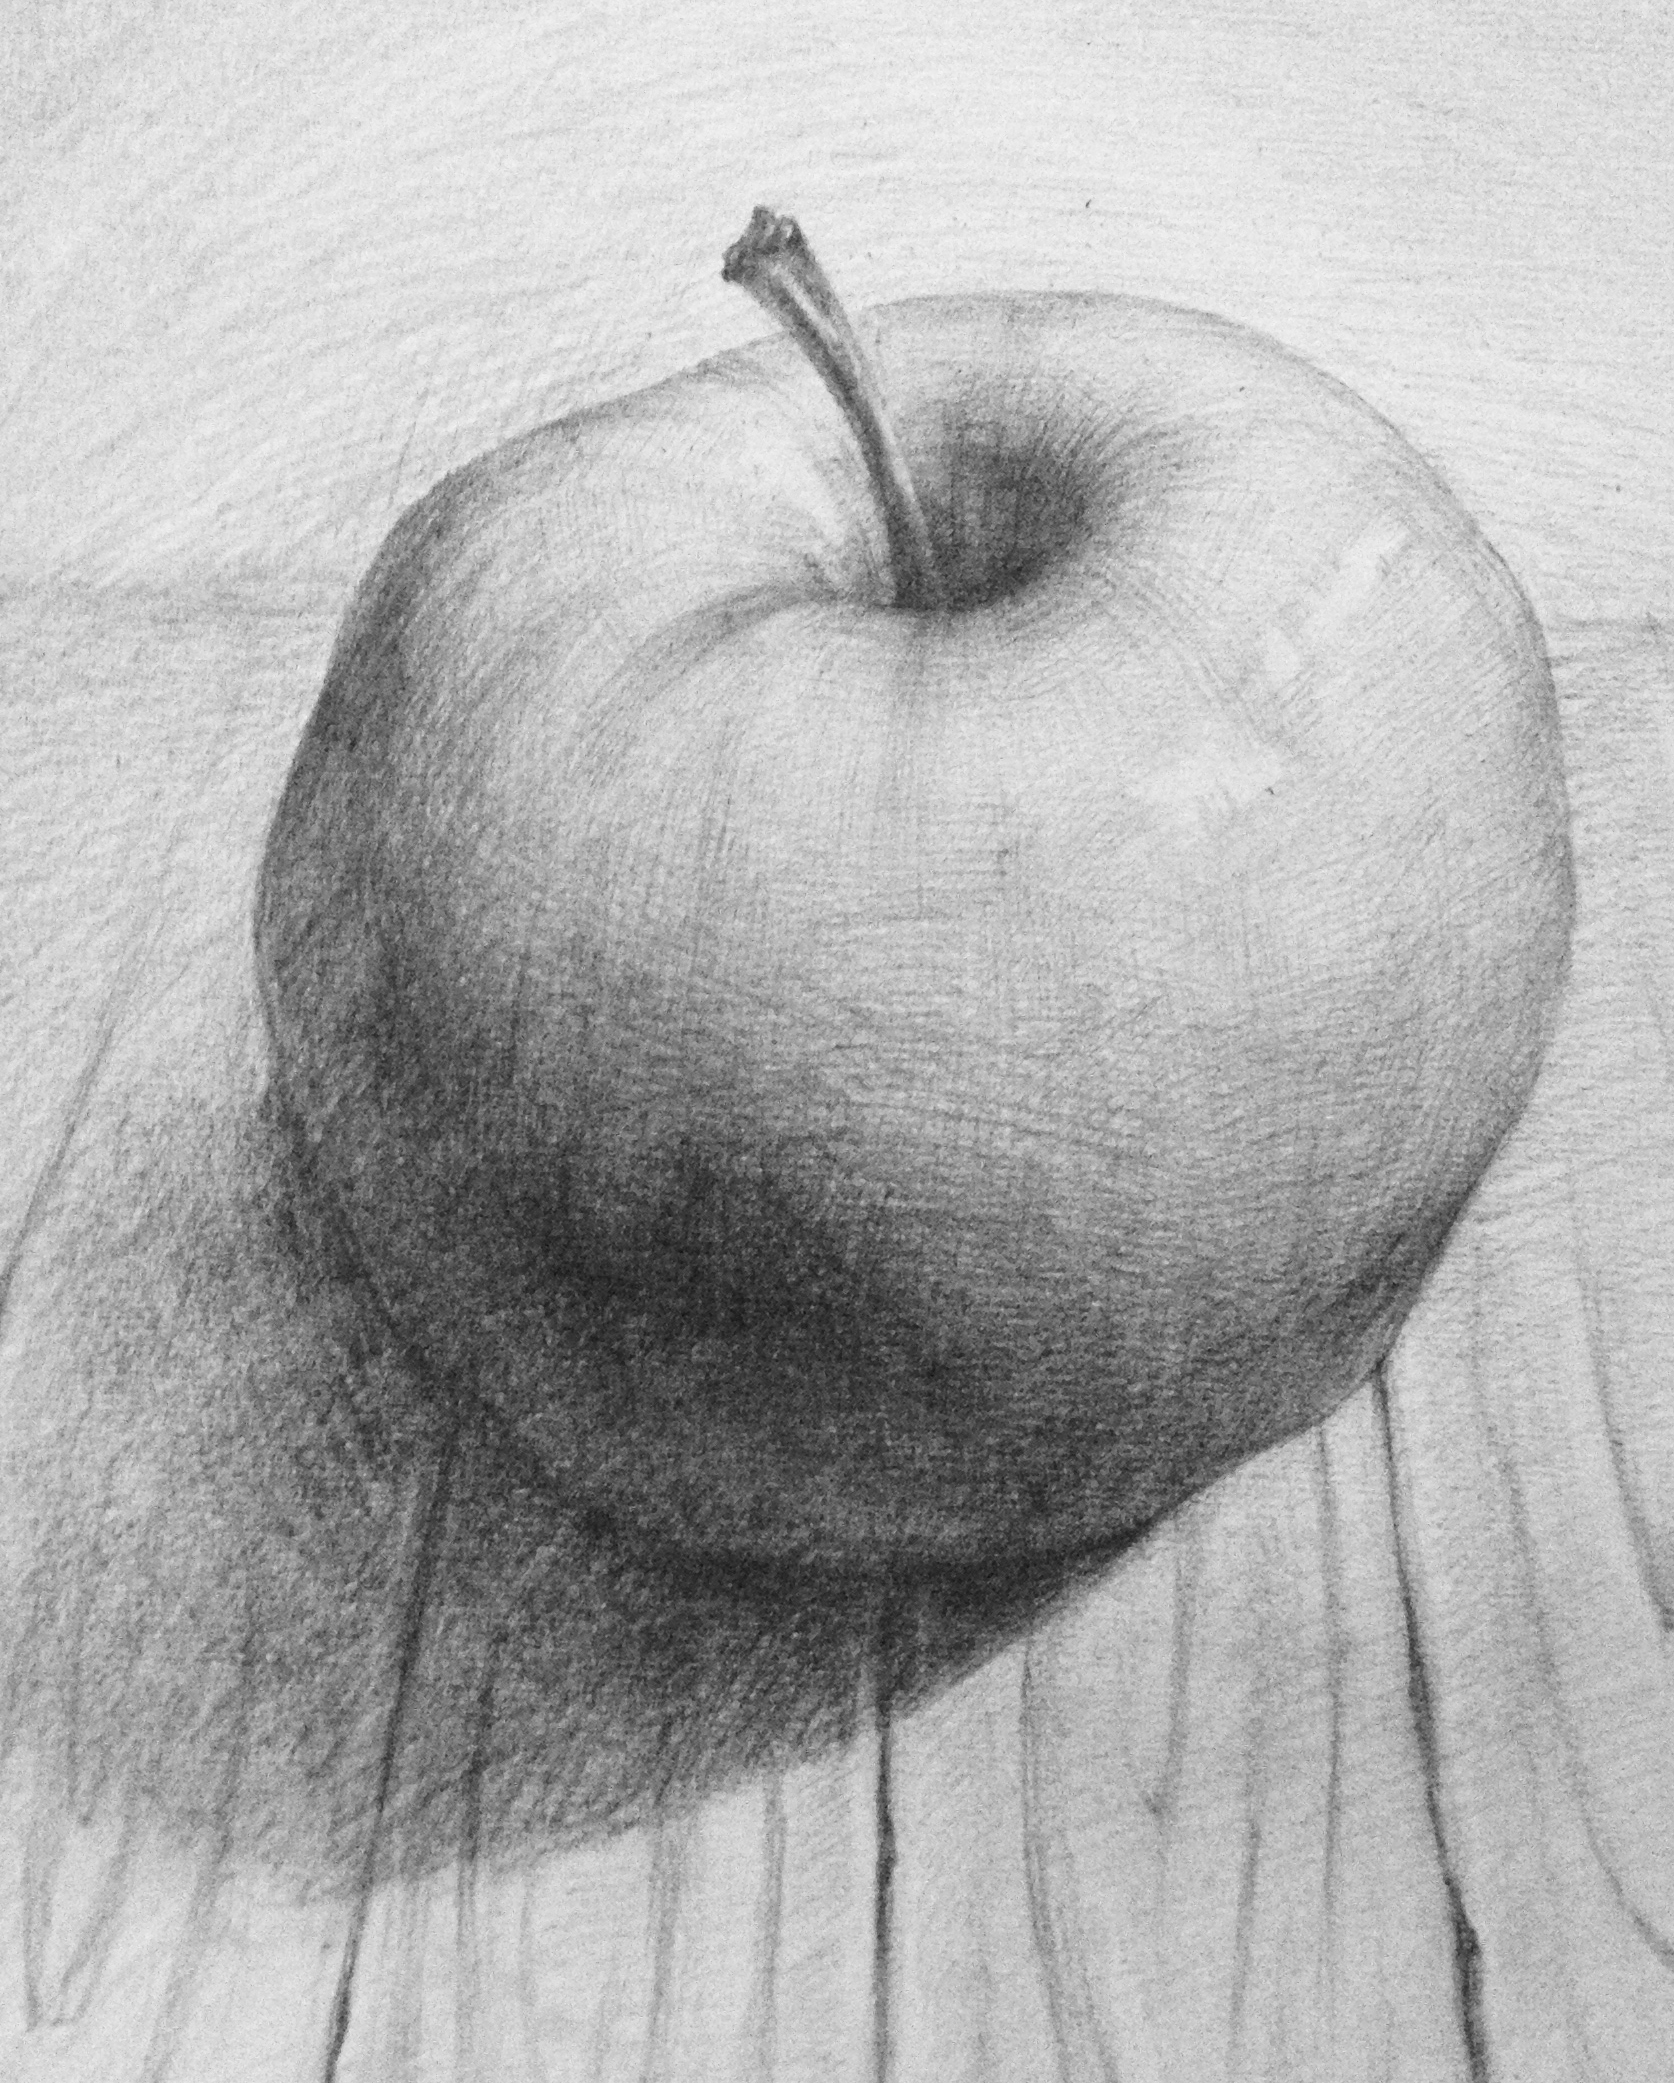 苹果素描图片